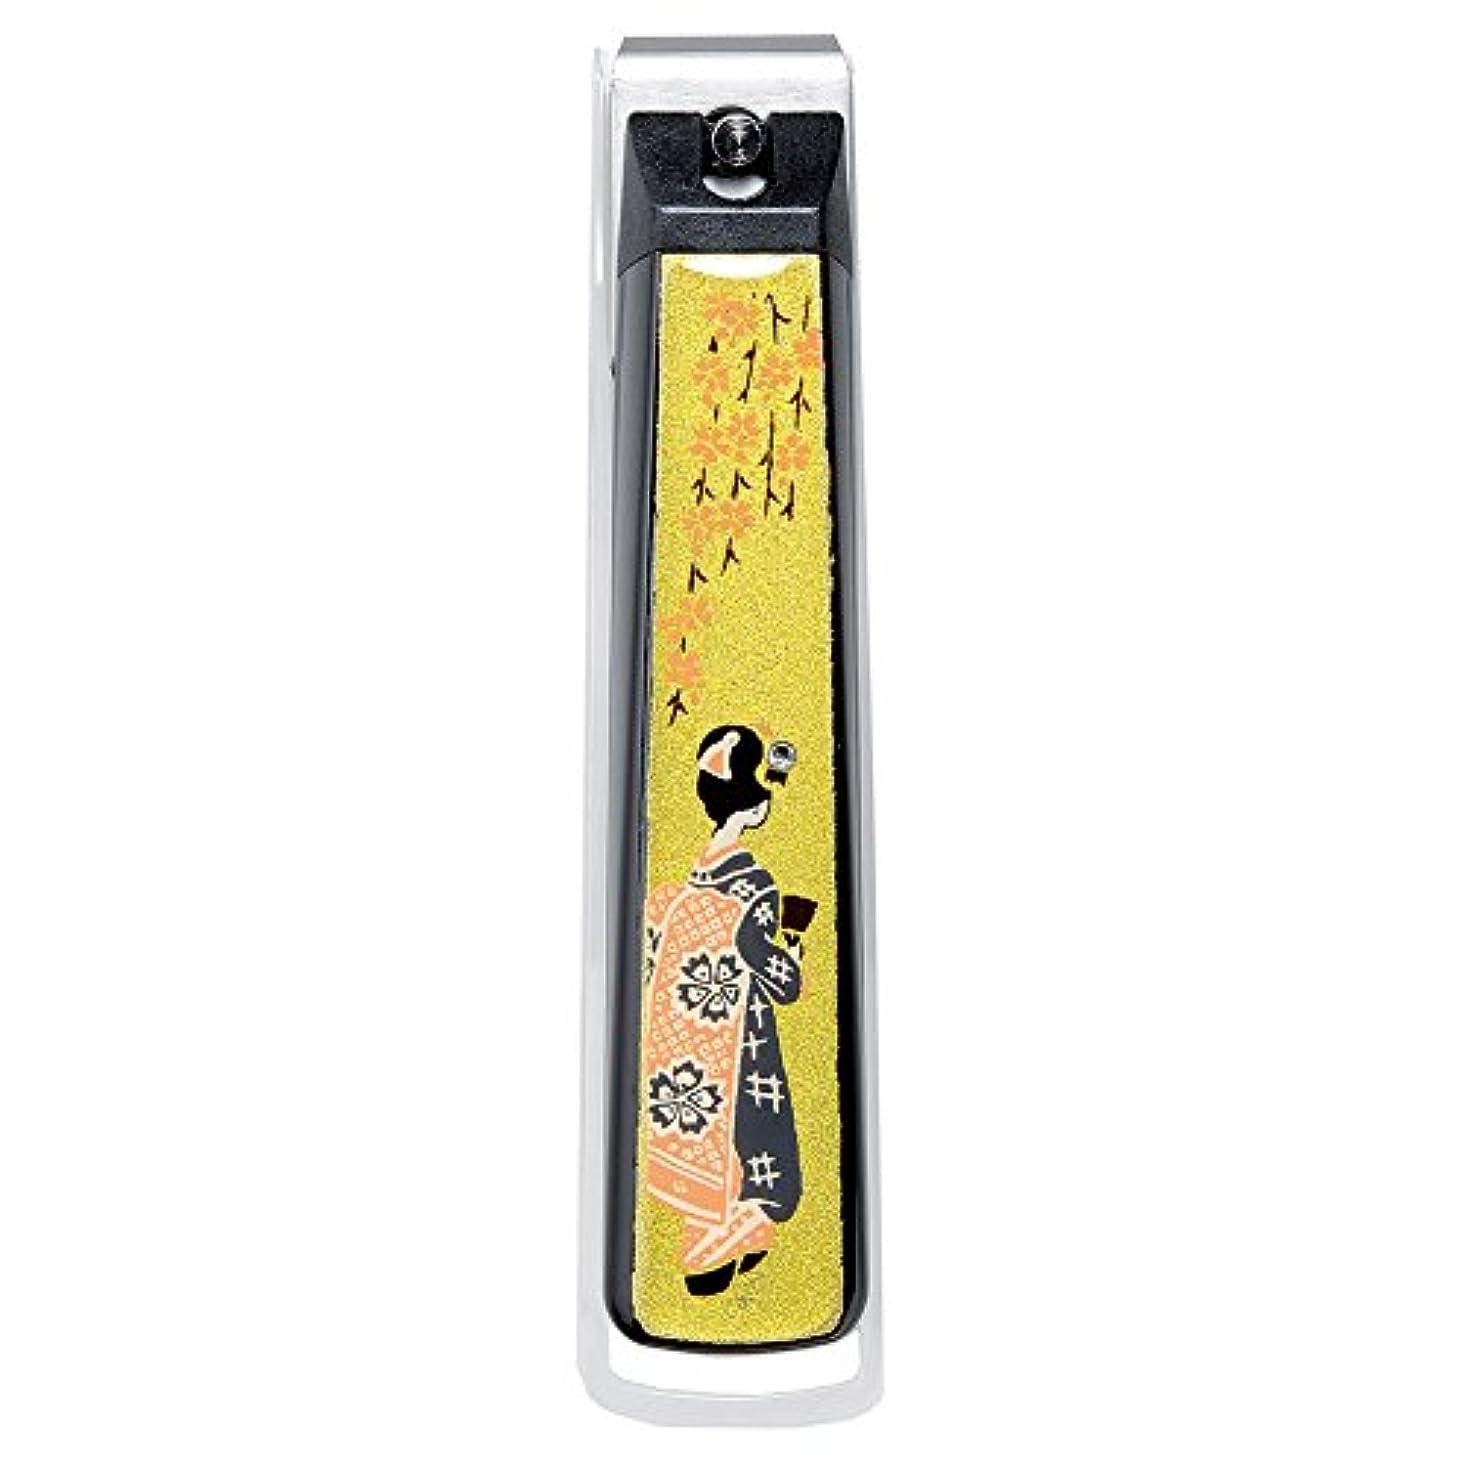 バンドル集中的なノベルティナガオ 日本製 蒔絵 爪切り 桐箱入 舞妓 MN-6